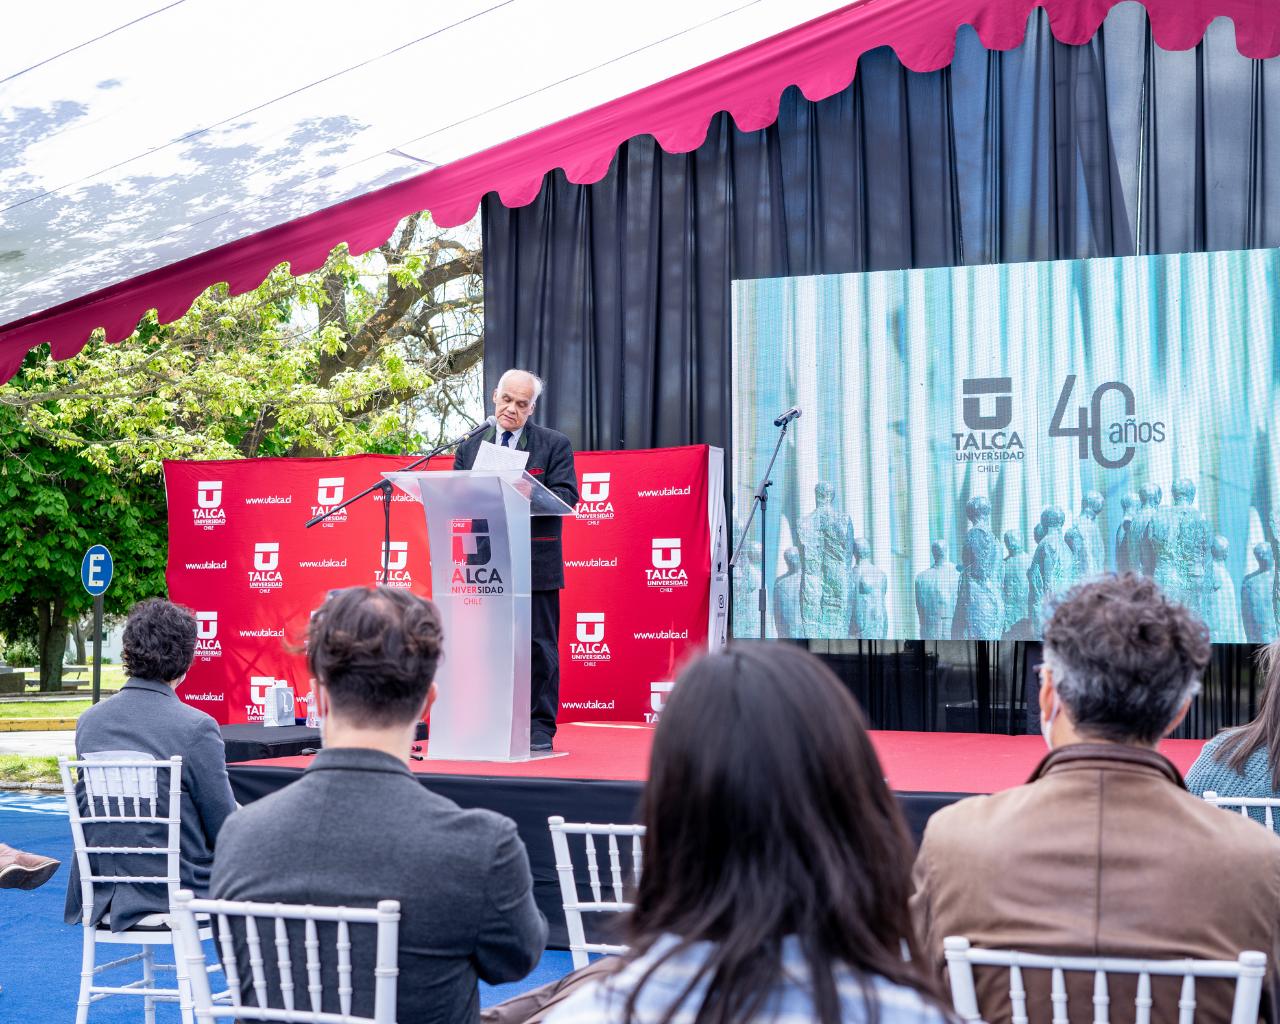 Con celebraciones descentralizadas Universidad inicia festejos por su 40° aniversario